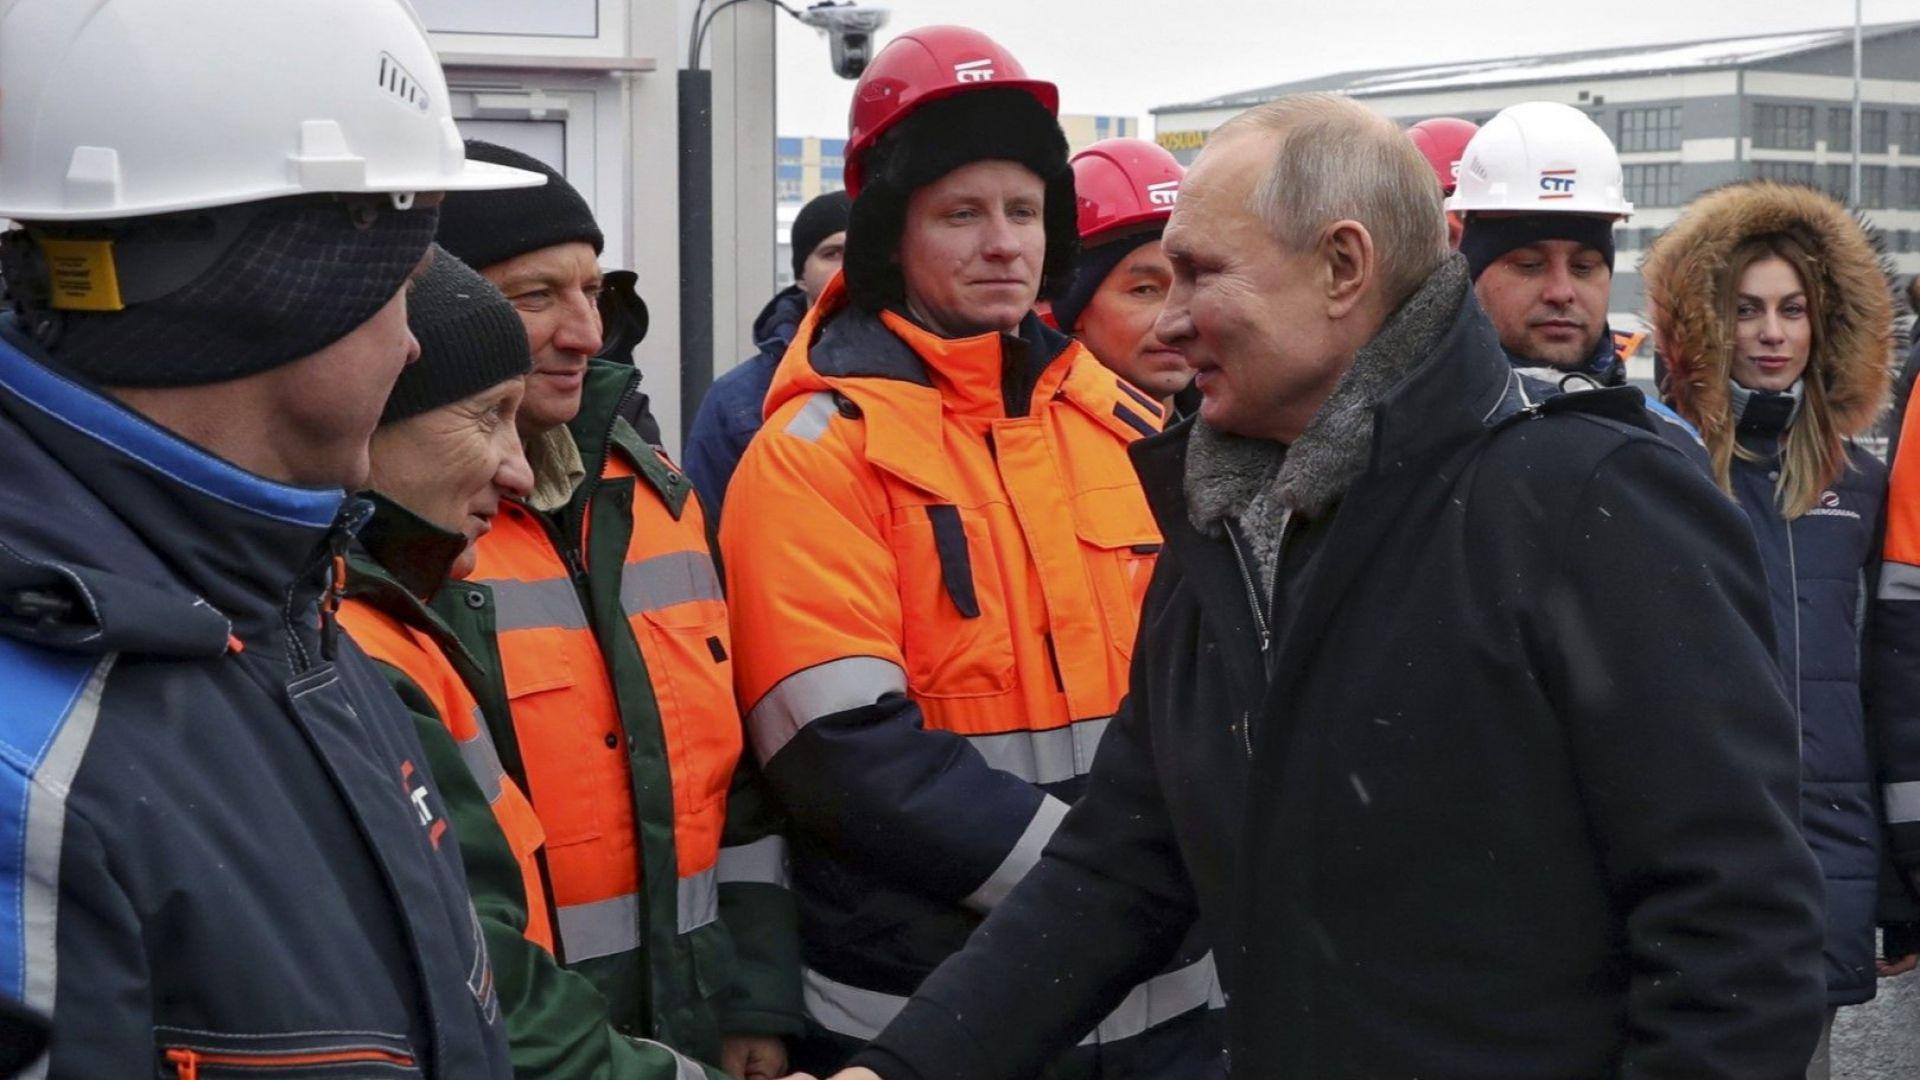 Руското чудо: С празни джобове, но затова пък щастливи